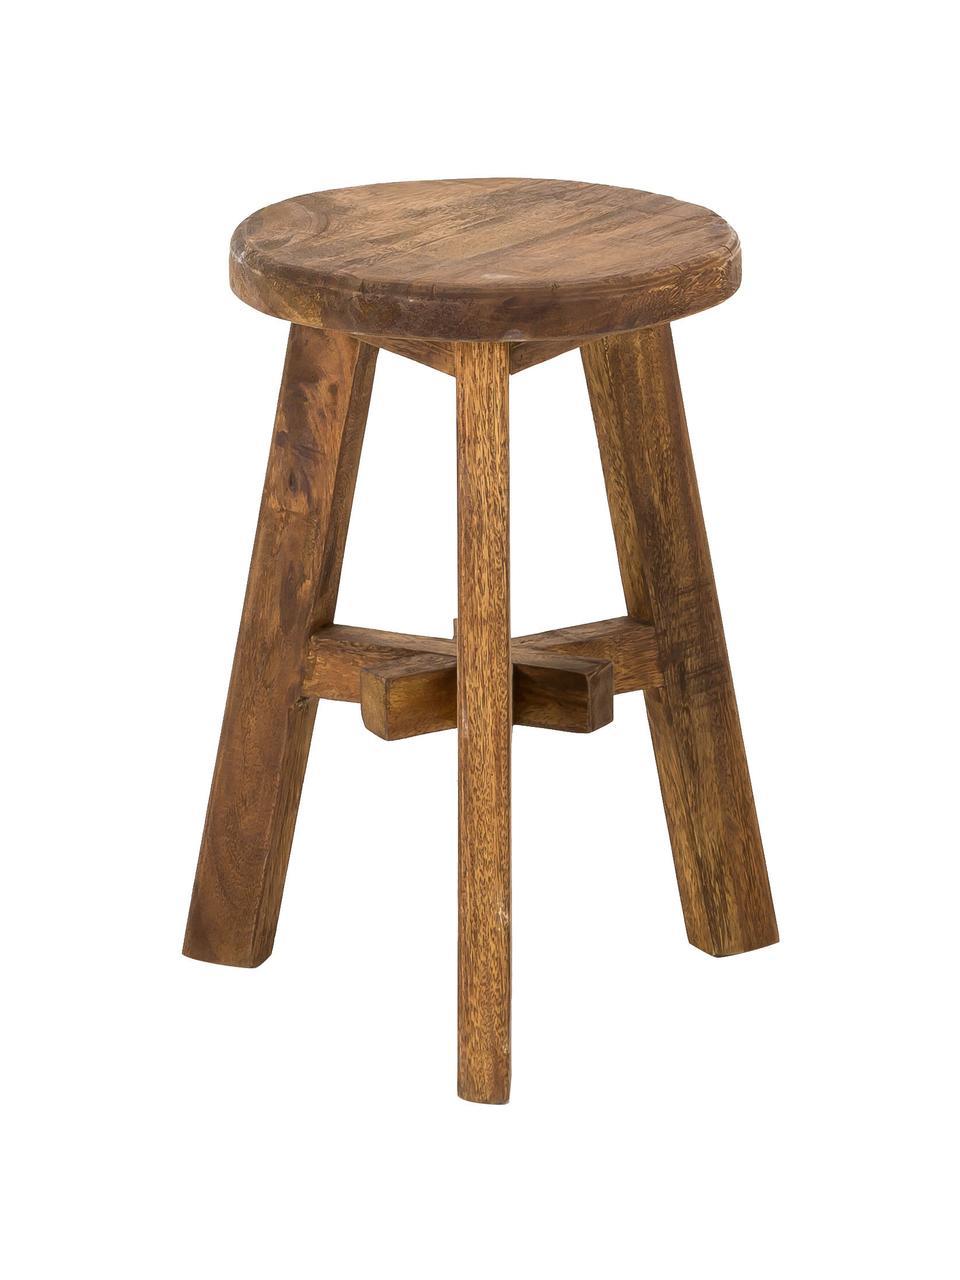 Stołek z drewna tekowego Dingklik, Drewno tekowe bejcowane, Drewno tekowe bejcowane na ciemnybrązowy, Ø 35 x W 50 cm